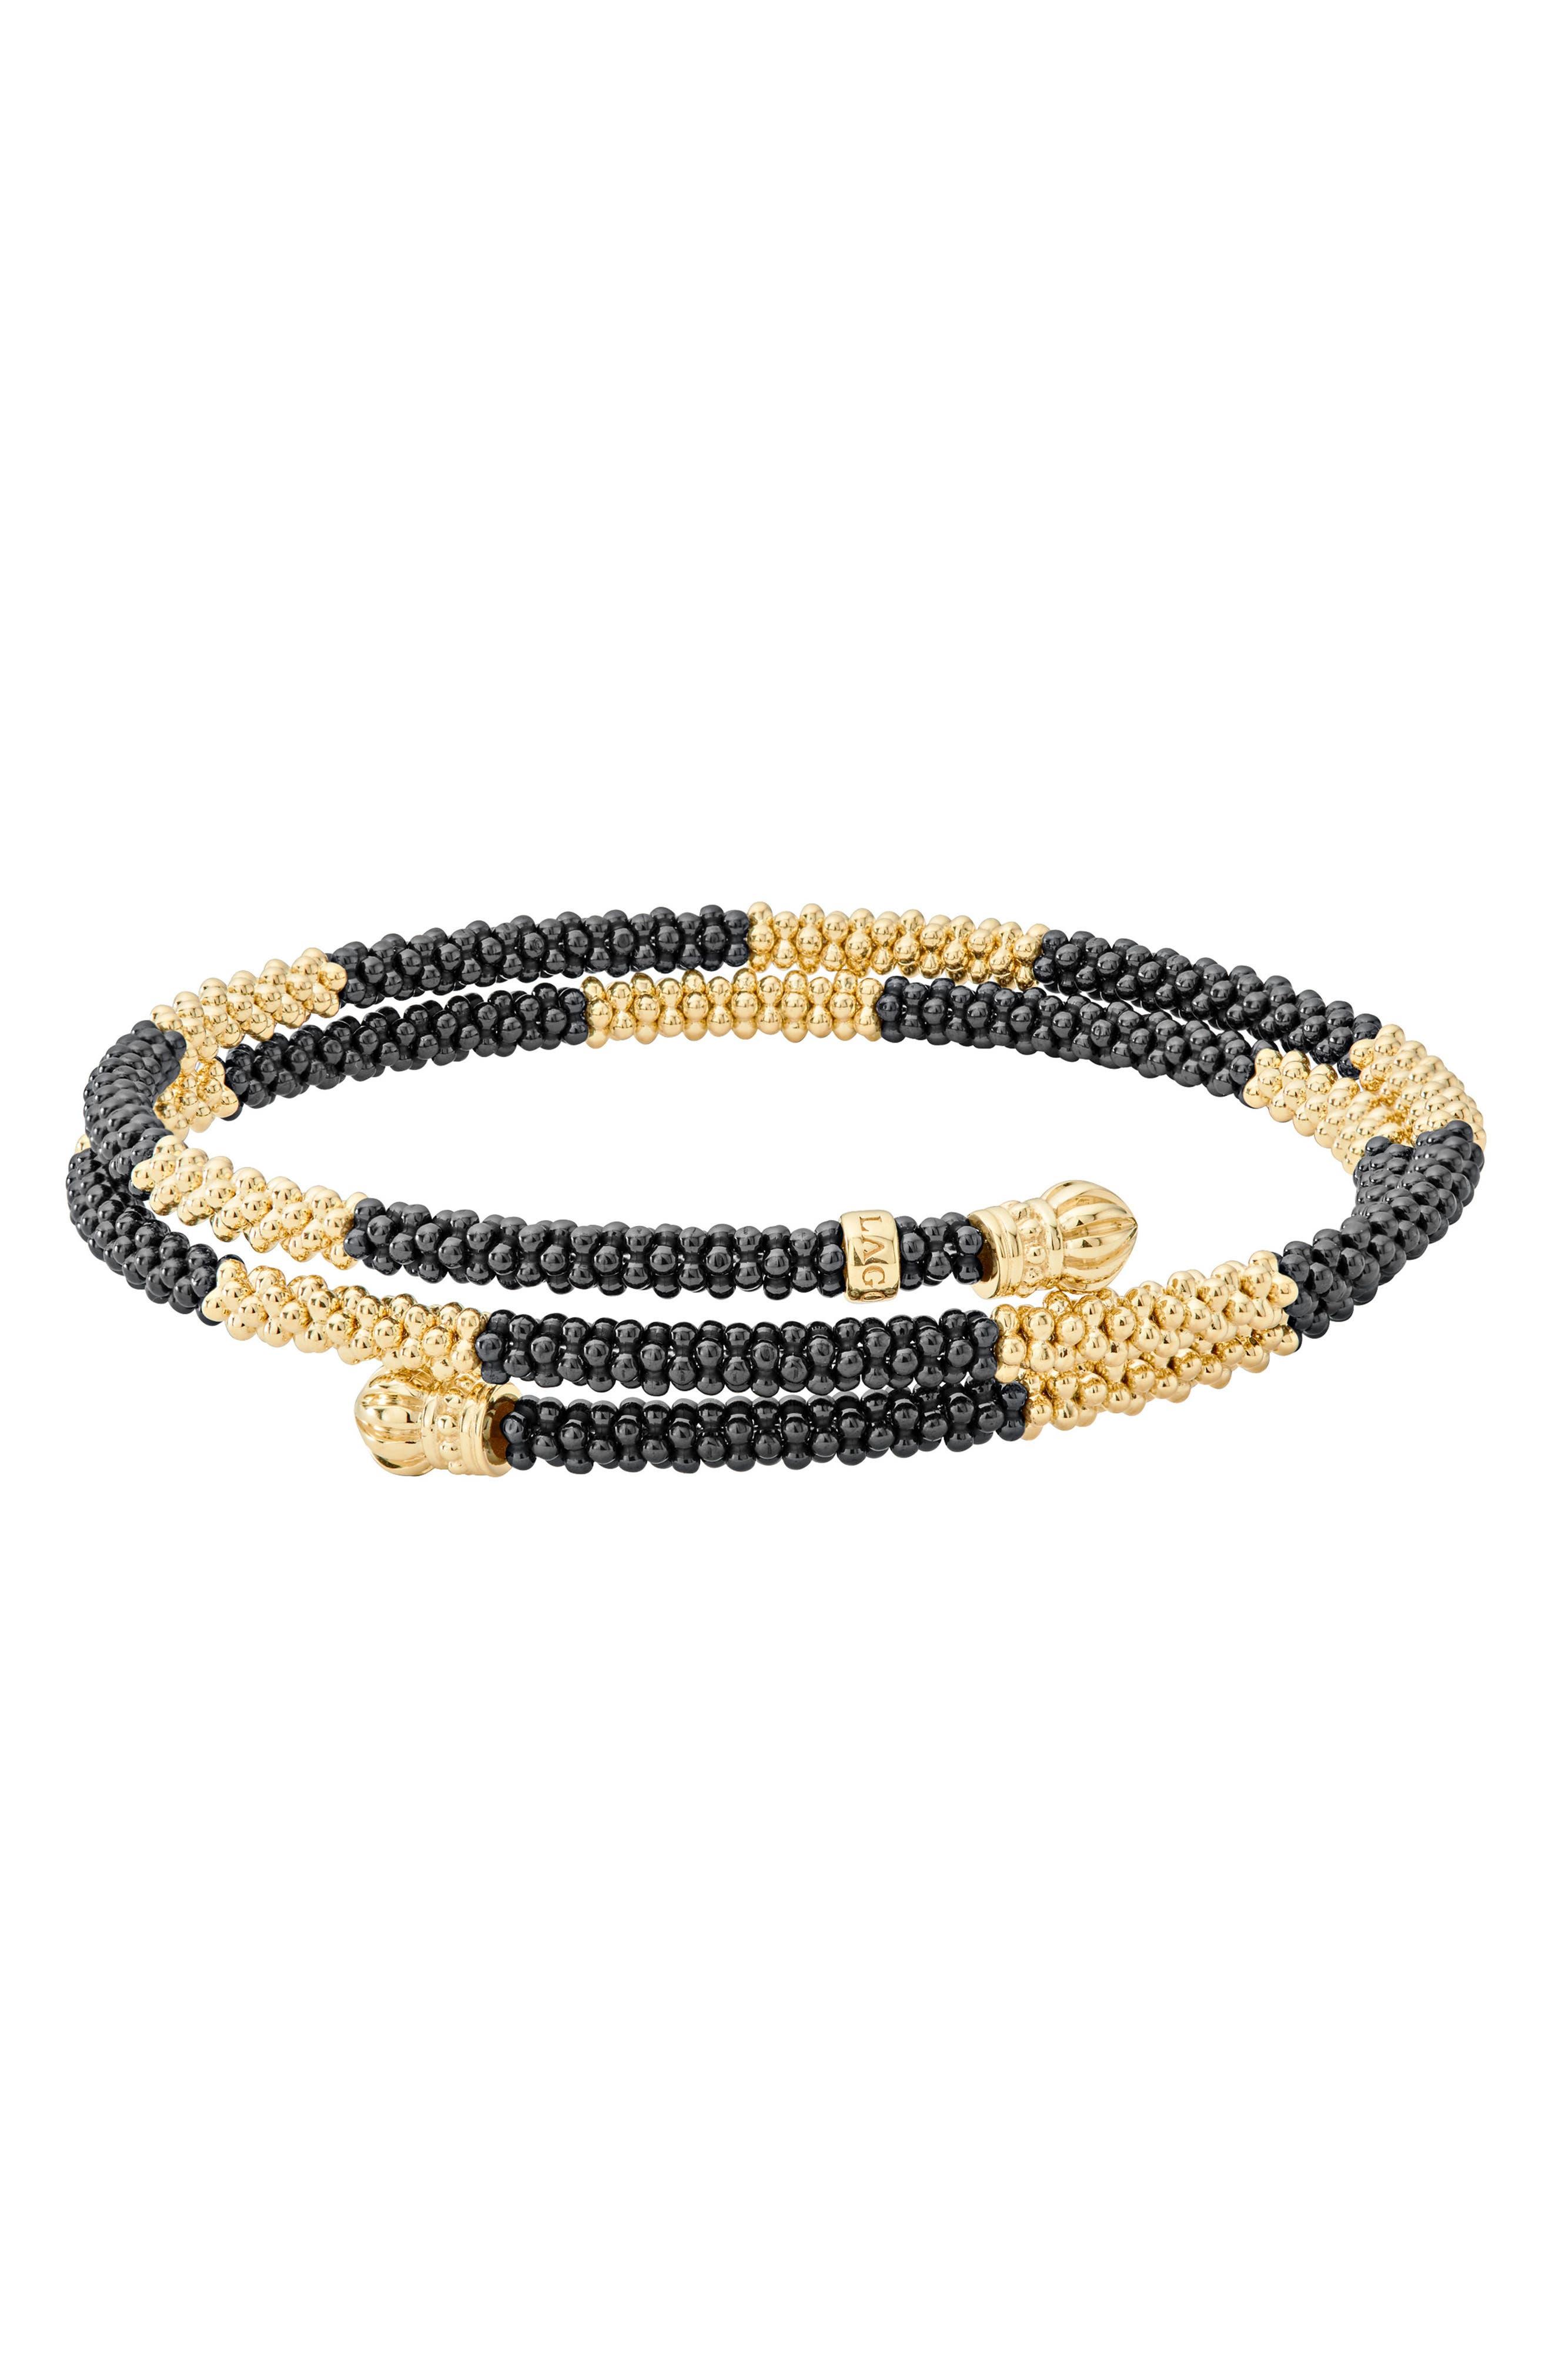 Gold & Black Caviar Coil Bracelet,                             Main thumbnail 1, color,                             GOLD